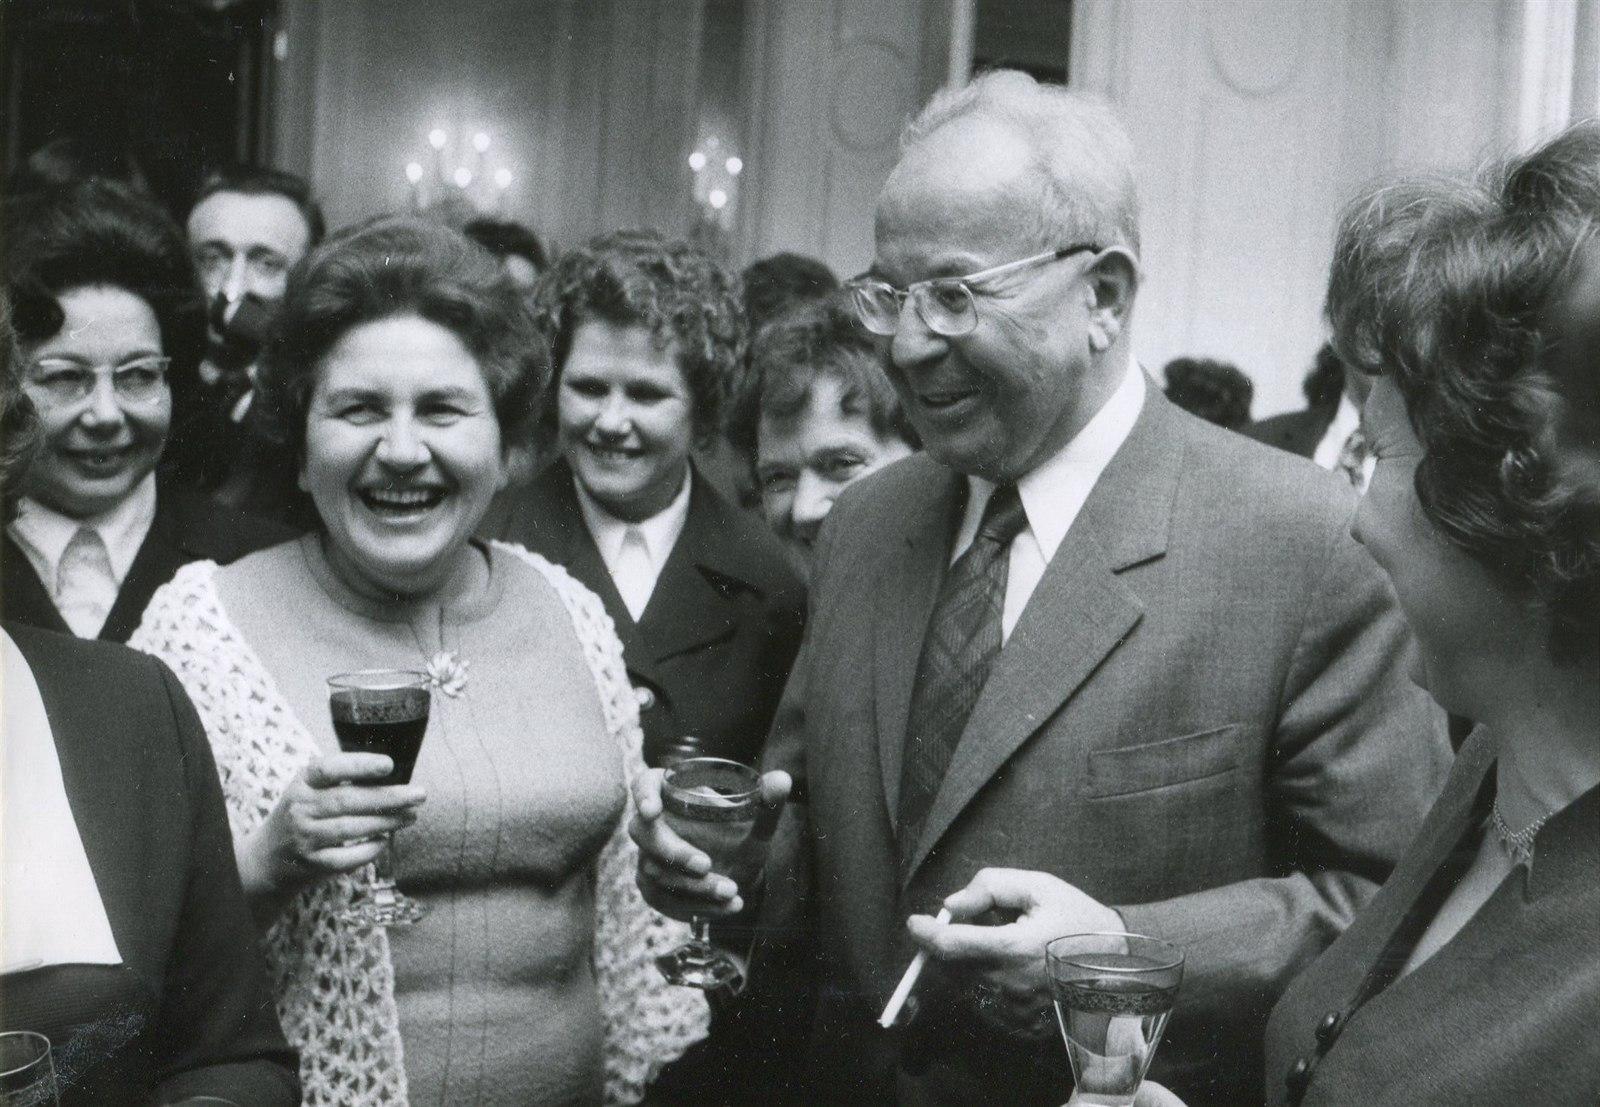 Husákovy brýle? Recept na štěstí! Podívejte, jak se smáli v Moskvě!